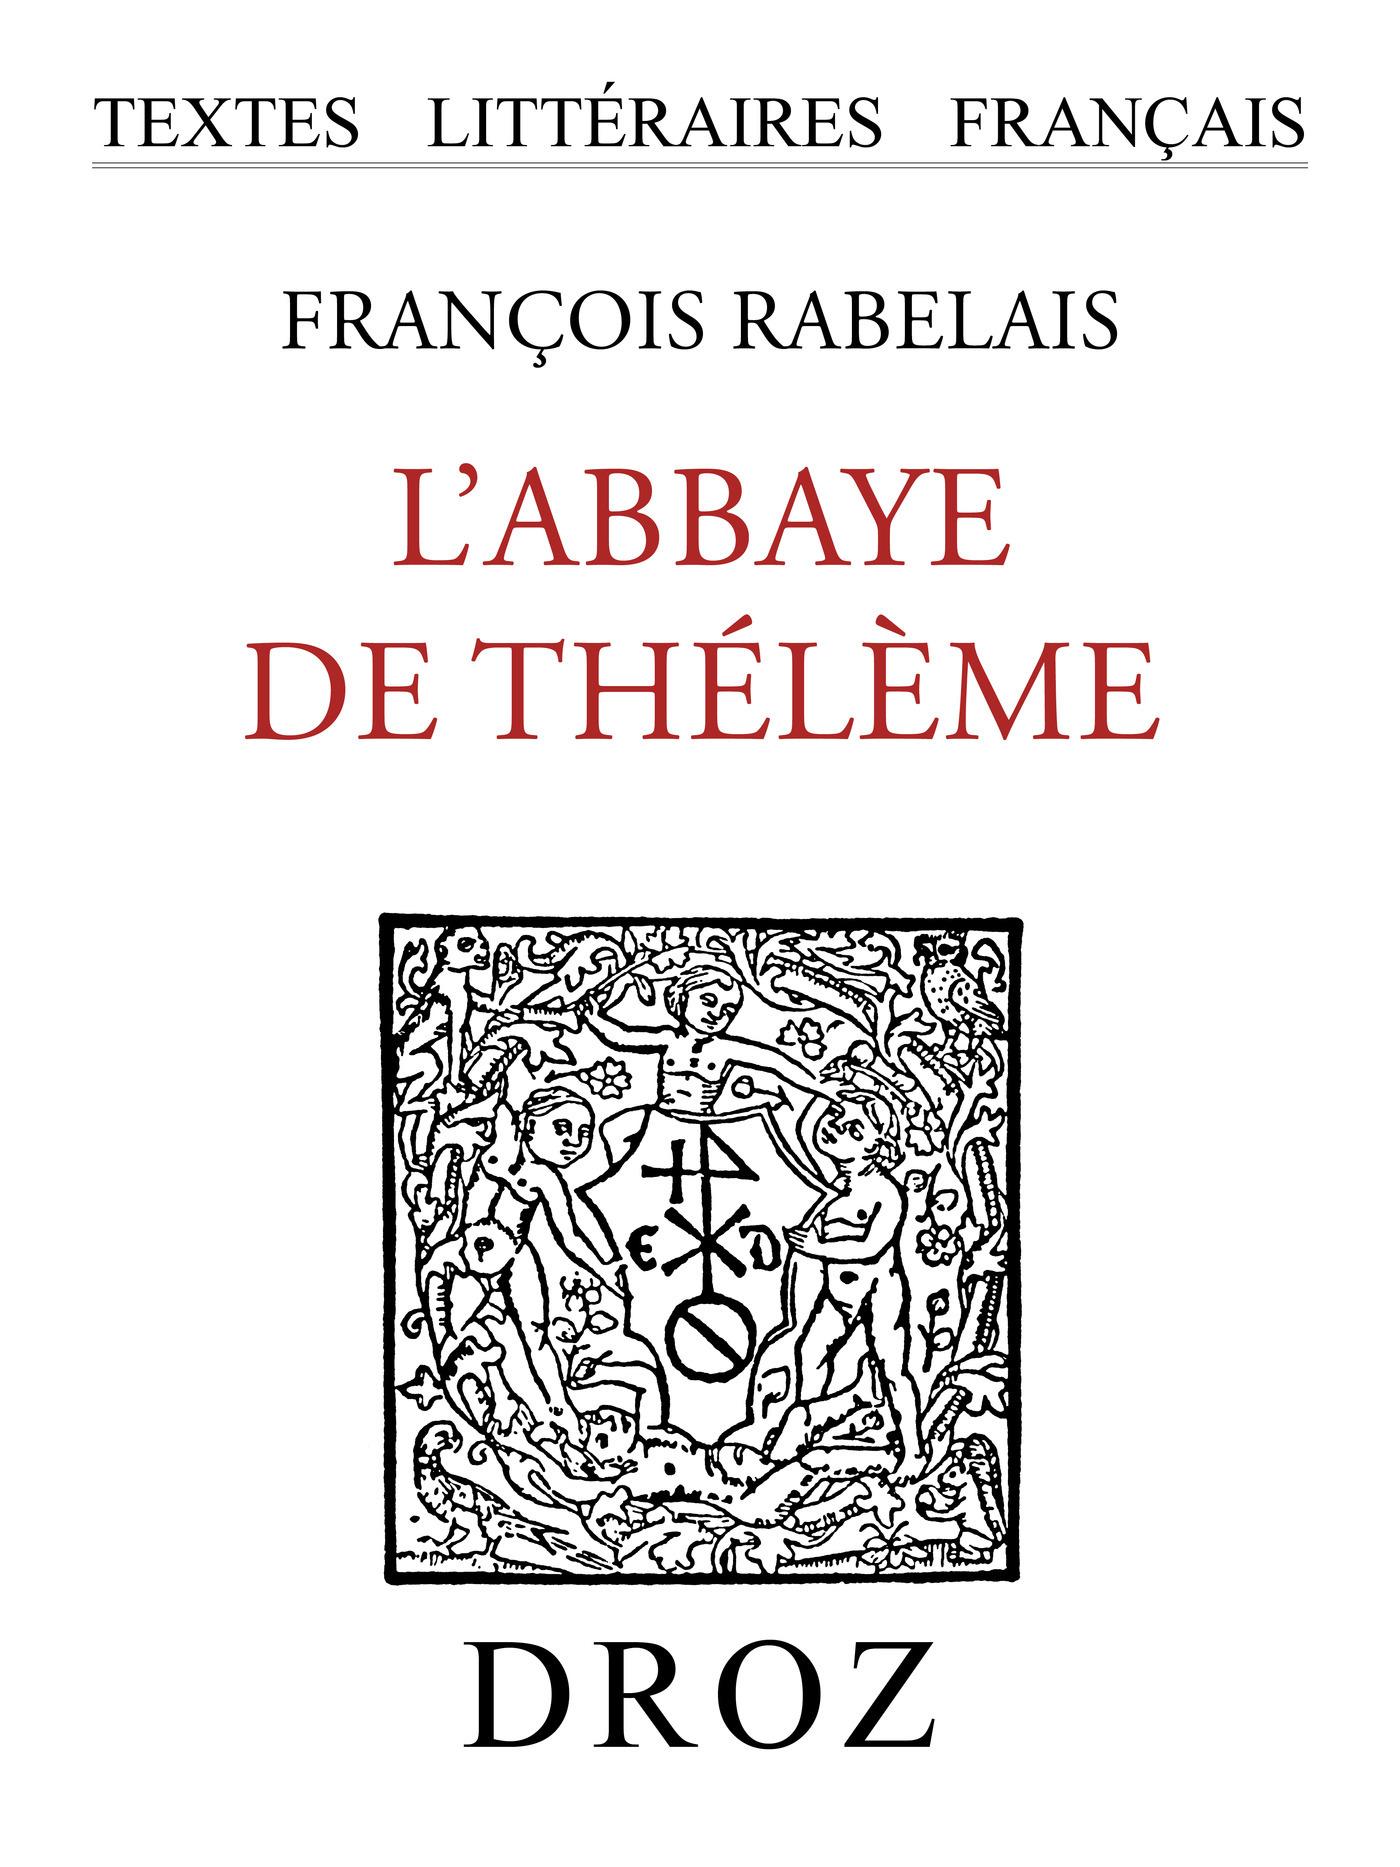 L'Abbaye de Thélème  - François Rabelais